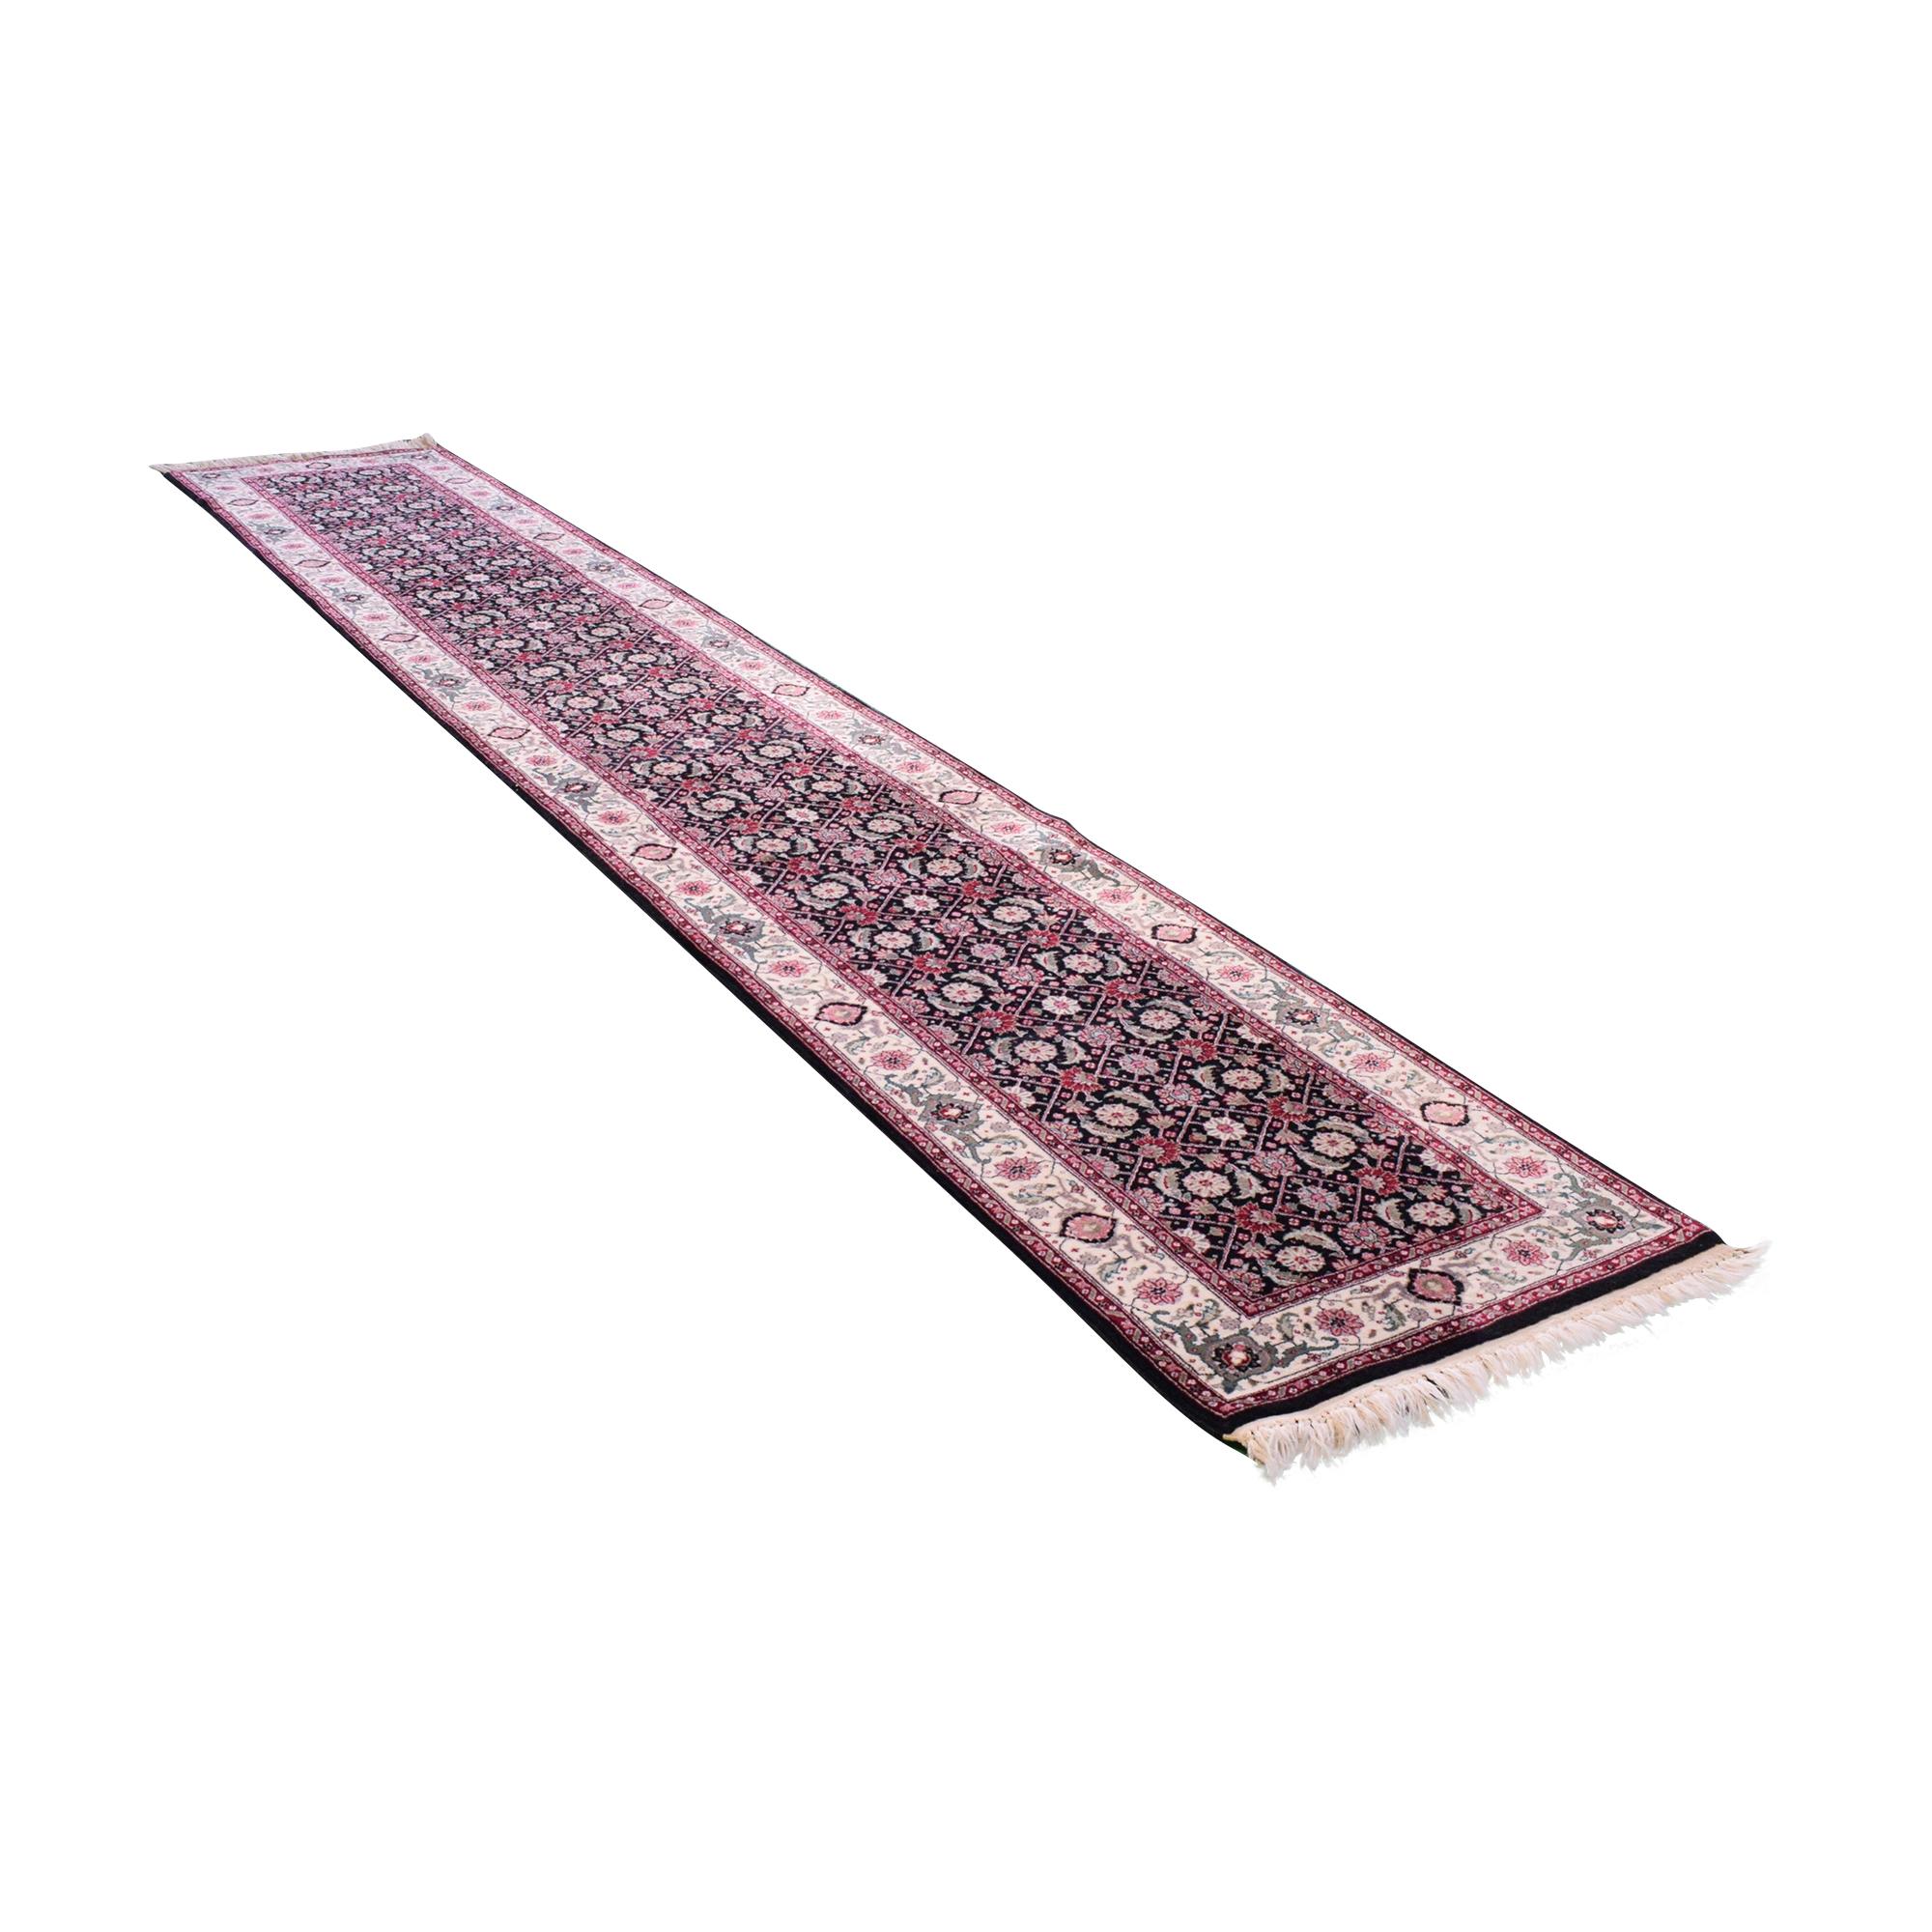 Bloomingdale's Bloomingdale's Floor Runner Rug multi